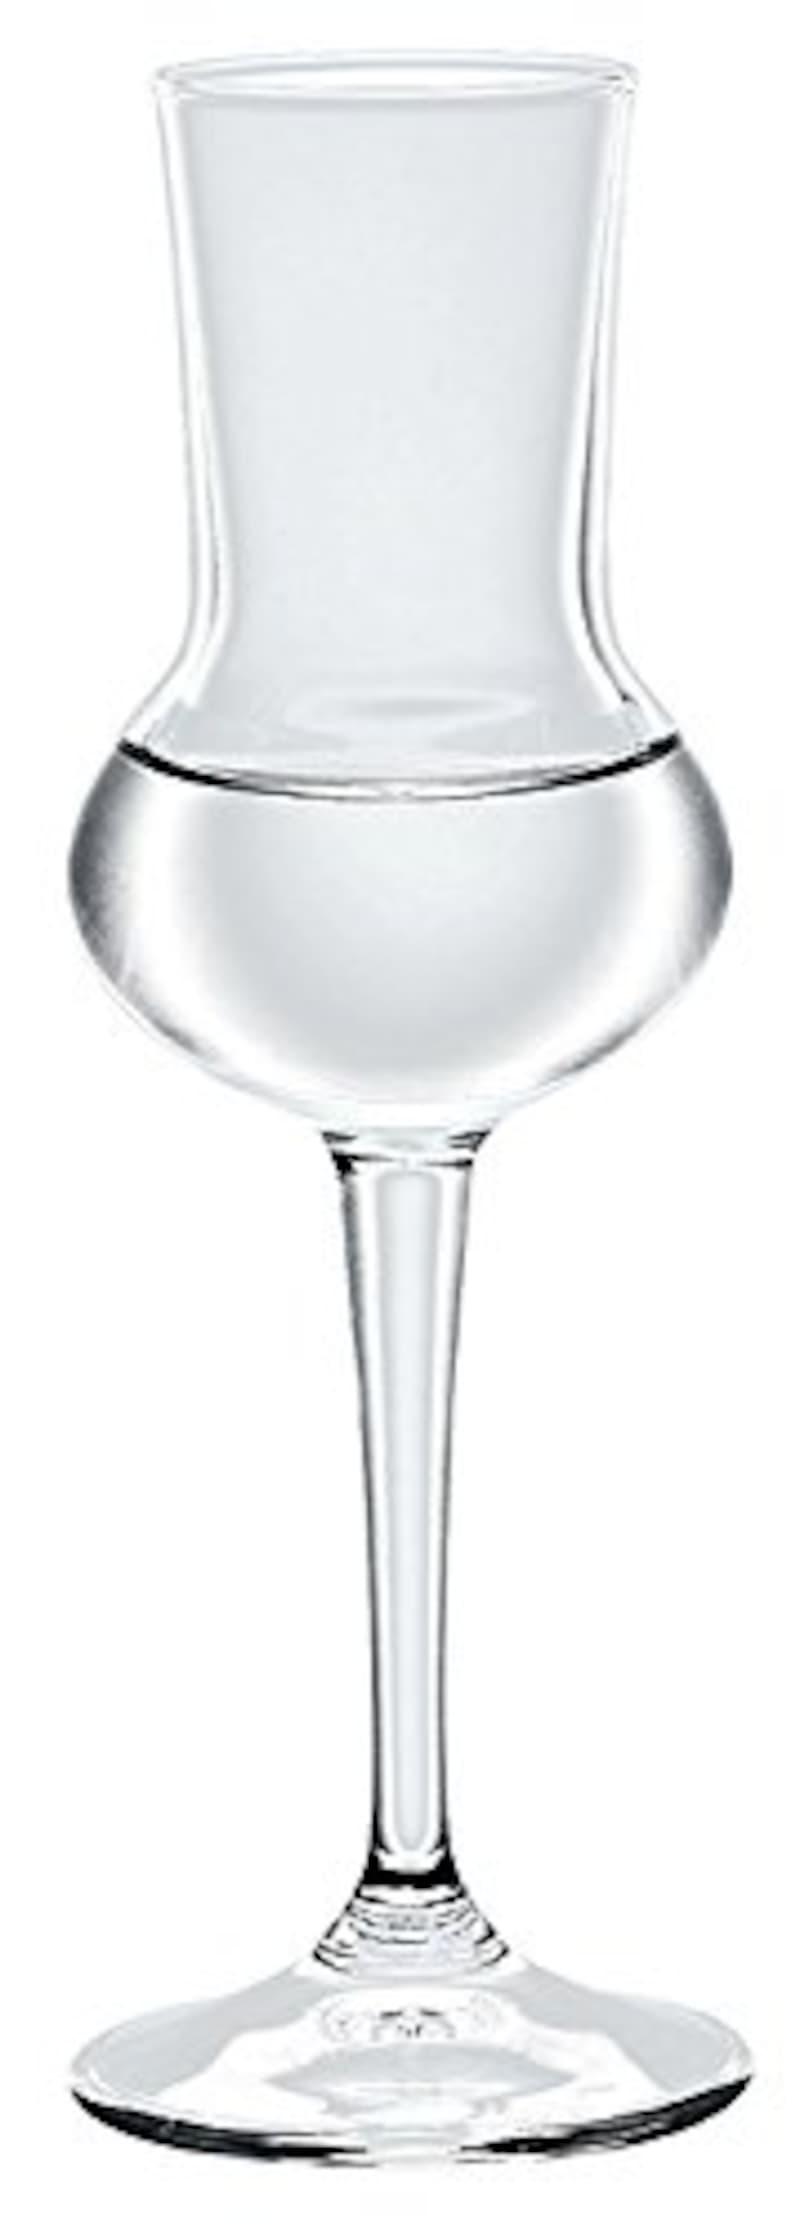 ブランシェアソシエ,リゼルバ グラッパ ワイングラス,A6751